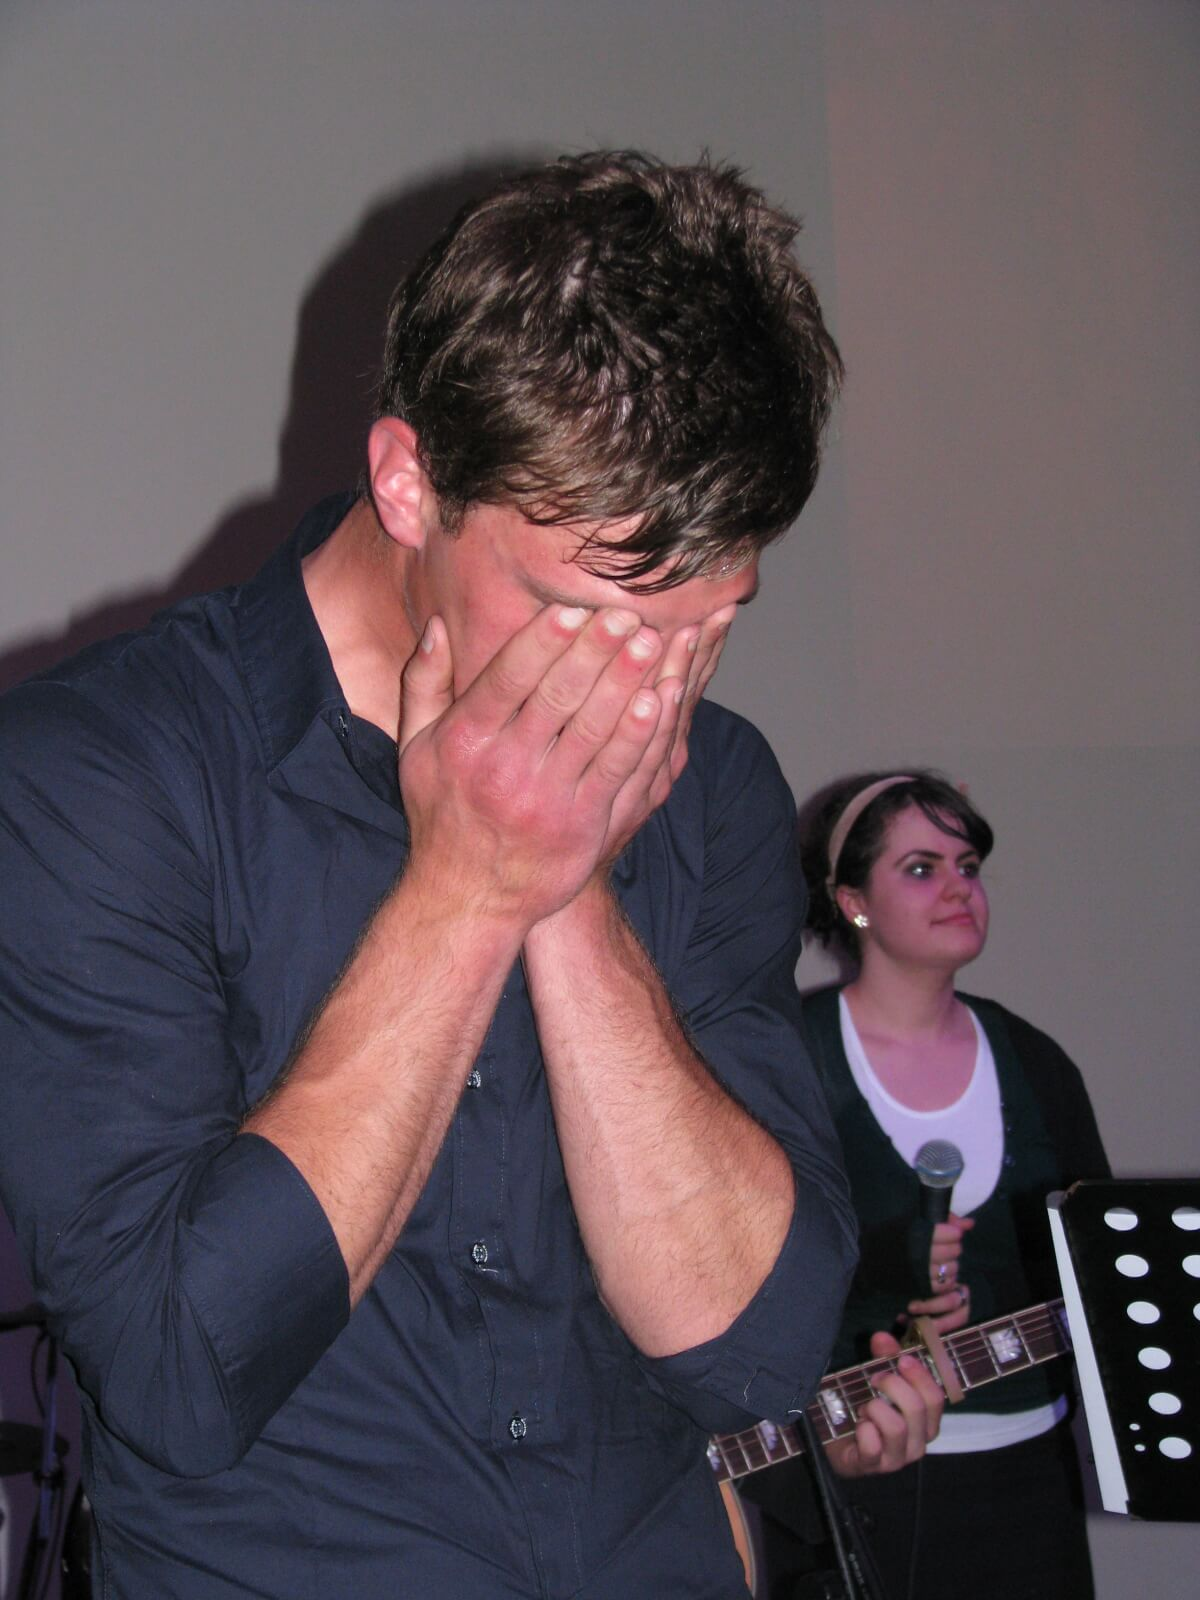 Il arrive souvent que des larmes coulent  quand Dieu nous touche.